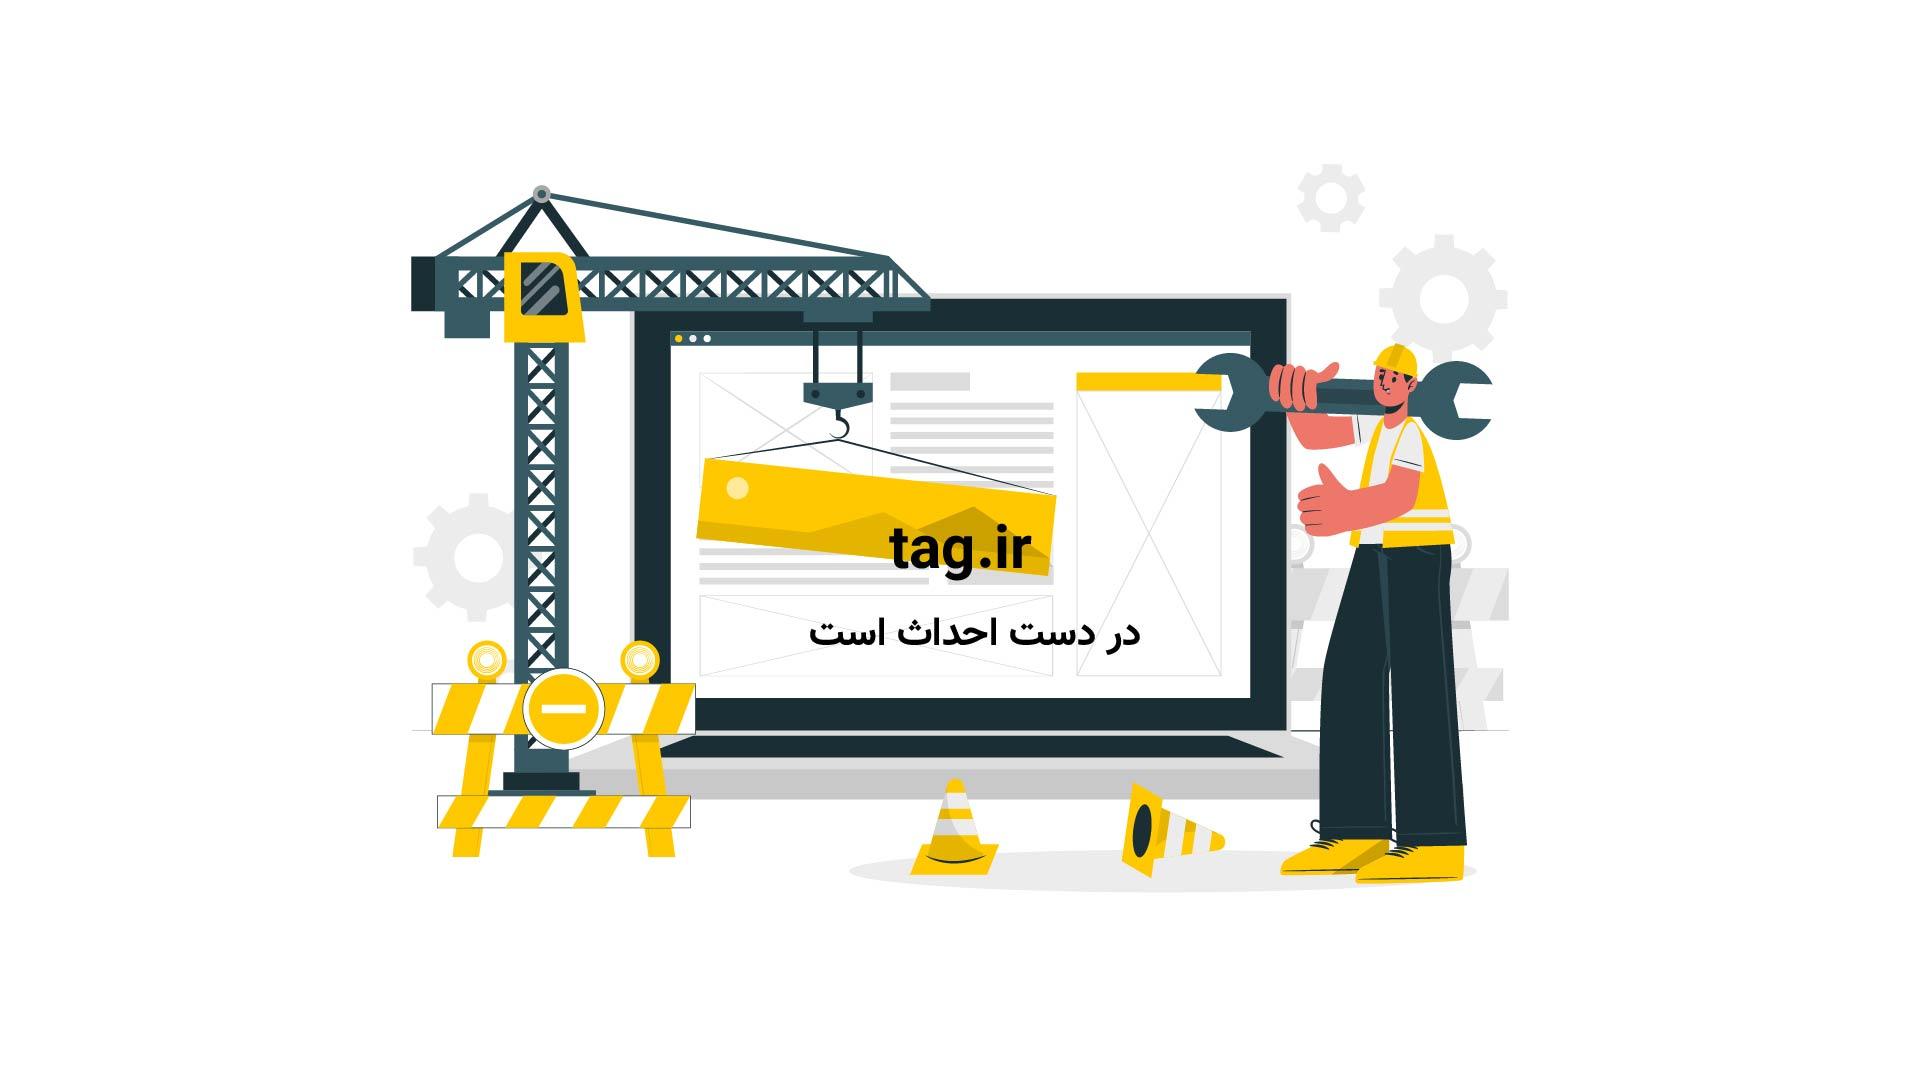 شهاب سنگ هایی که زمین را تهدید می کنند | فیلم